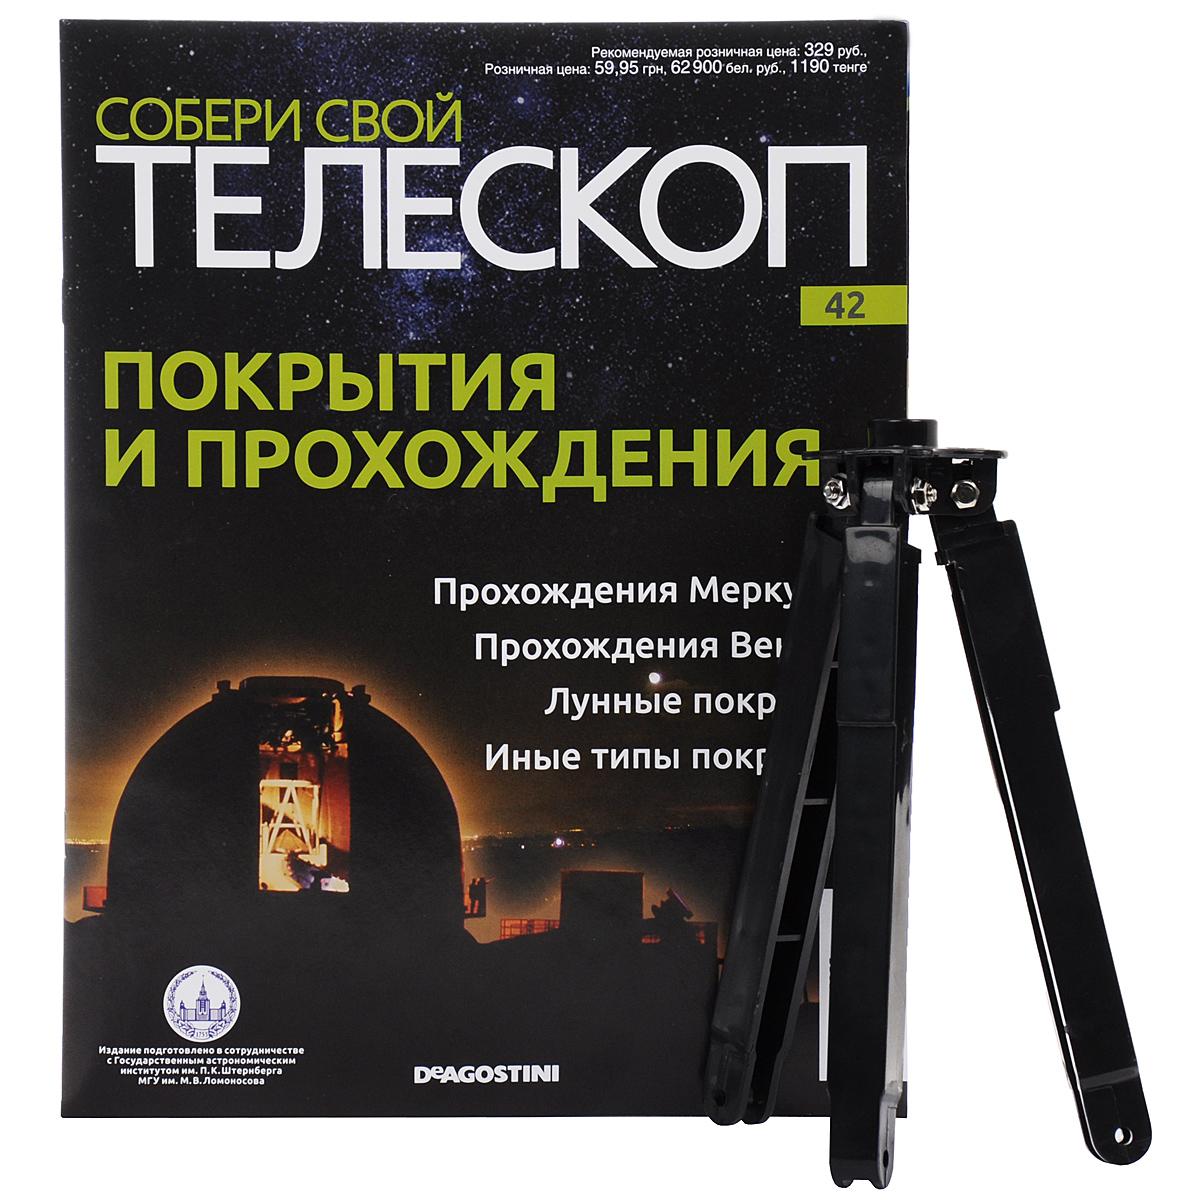 Журнал Собери свой телескоп №42TLS042Издания DeAgostini Собери свой телескоп станут полезным и интересным приобретением для поклонников астрономии, помогут вам в новом ракурсе увидеть и изучить небесные тела, организовать свою личную обсерваторию и получать незабываемые эмоции от познания космоса. Каждое издание серии включает в себя монографический журнал, увлекательно знакомящий читателей с отдельным небесным телом, и некоторые элементы для собираемого телескопа. Вы сможете расширить свой кругозор, приятно провести время за чтением журналов, собственноручно собрать настоящий телескоп и полноценно использовать его для изучения звездного неба. В этом выпуске вы найдете распорку для штатива. Размер распорки: 19 х 5 х 5,5 см. Категория 12+.